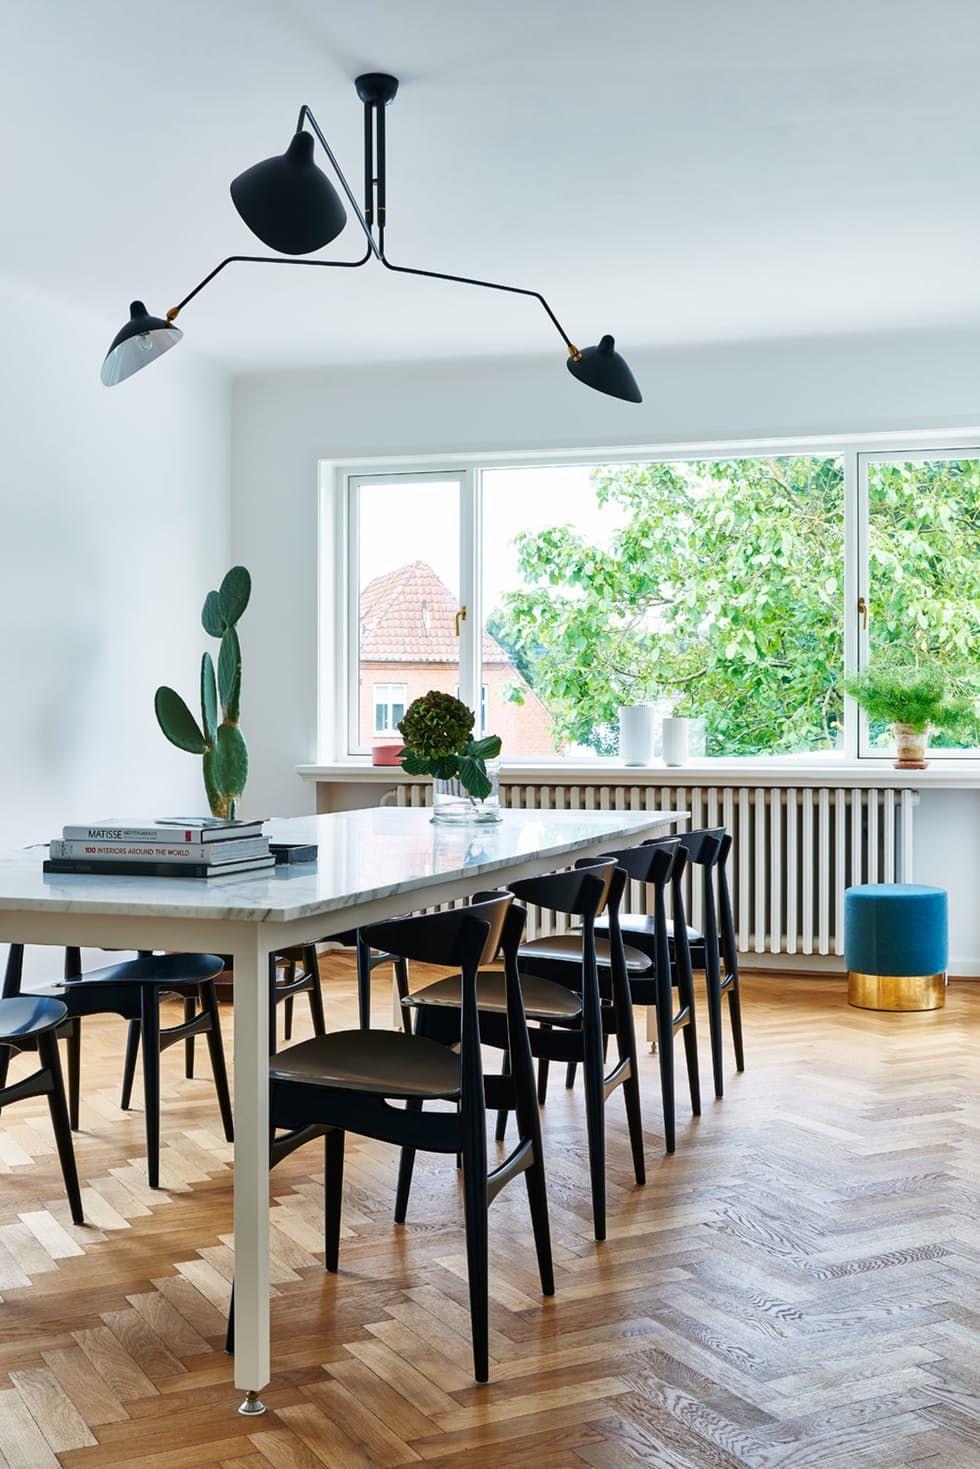 Esszimmer Einrichten Skandinavisch Modern Schwarz Weiß Holzstühle Dänisches  Design Parkett Esstisch Leuchte Designklassiker DCW Kaktus Dekoration Wu2026 ...